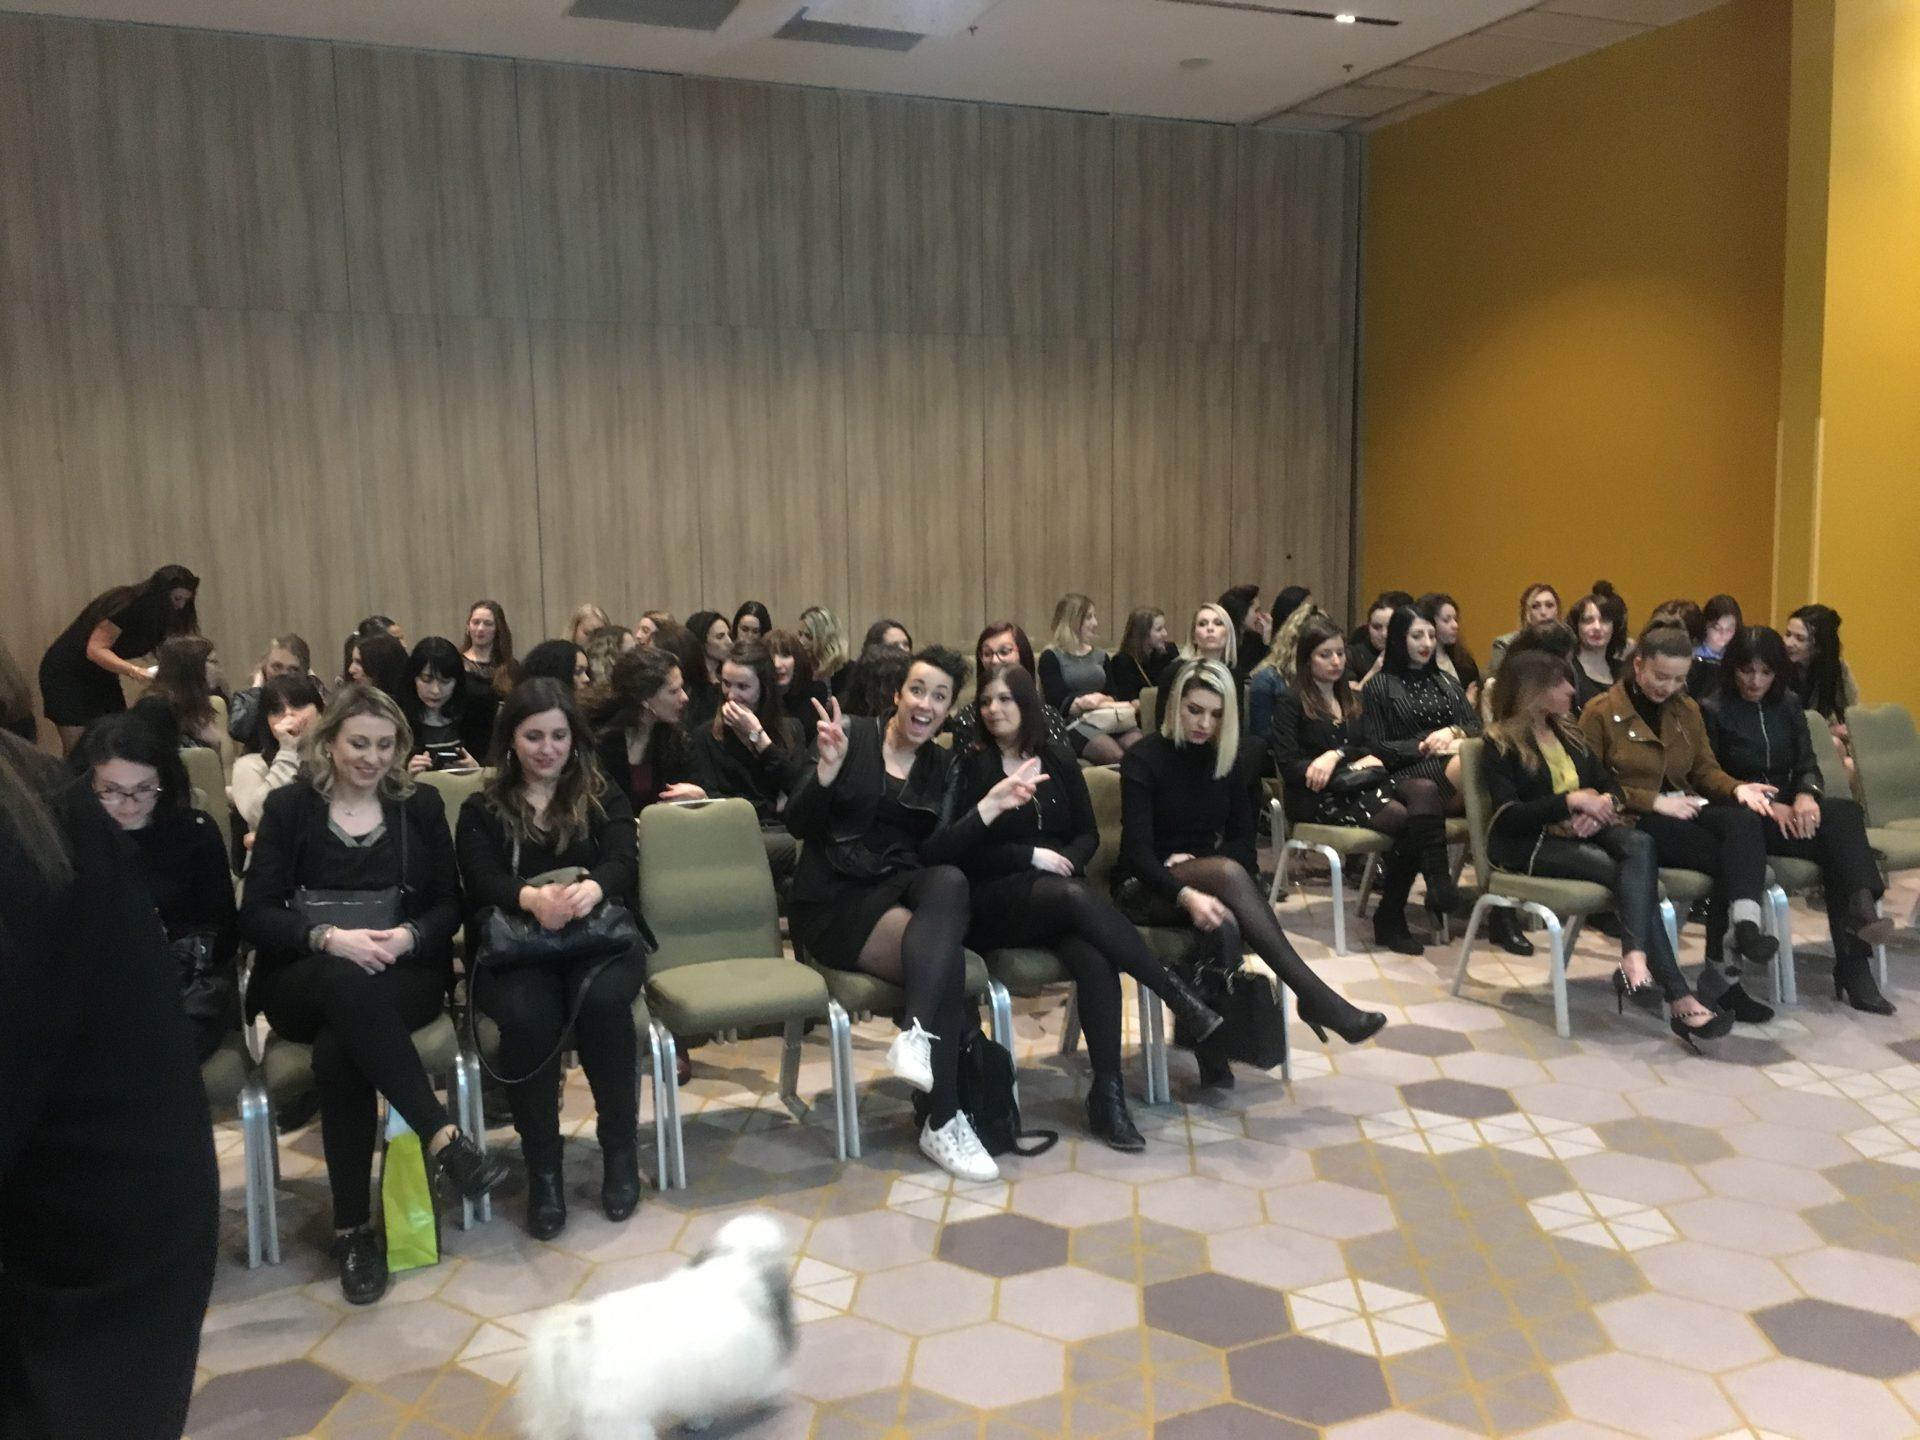 Magicien mentaliste à Aix-en-Provence pour une grande marque de cosmétique